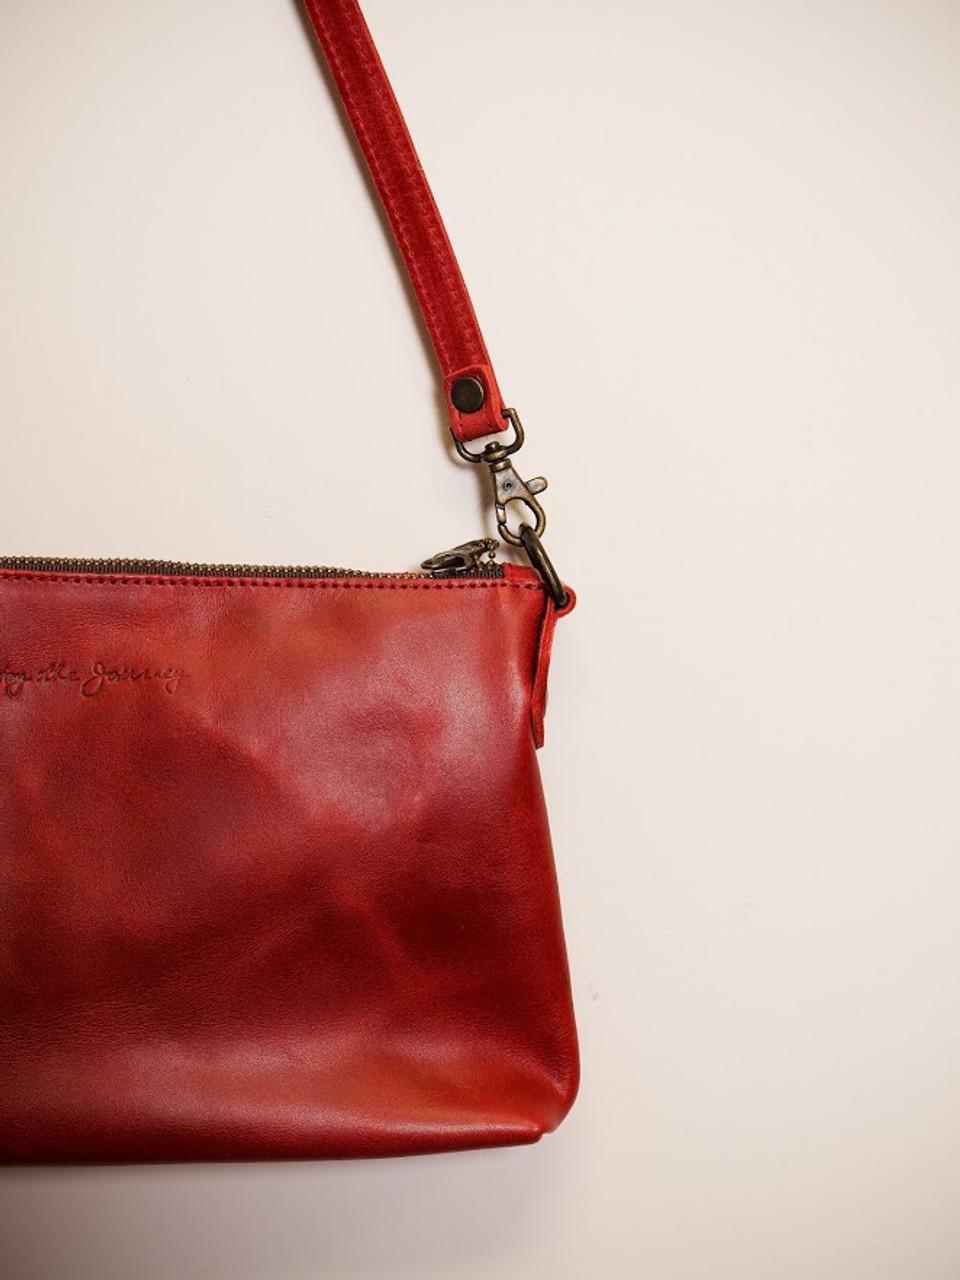 Large Crossbody Handbag in Red